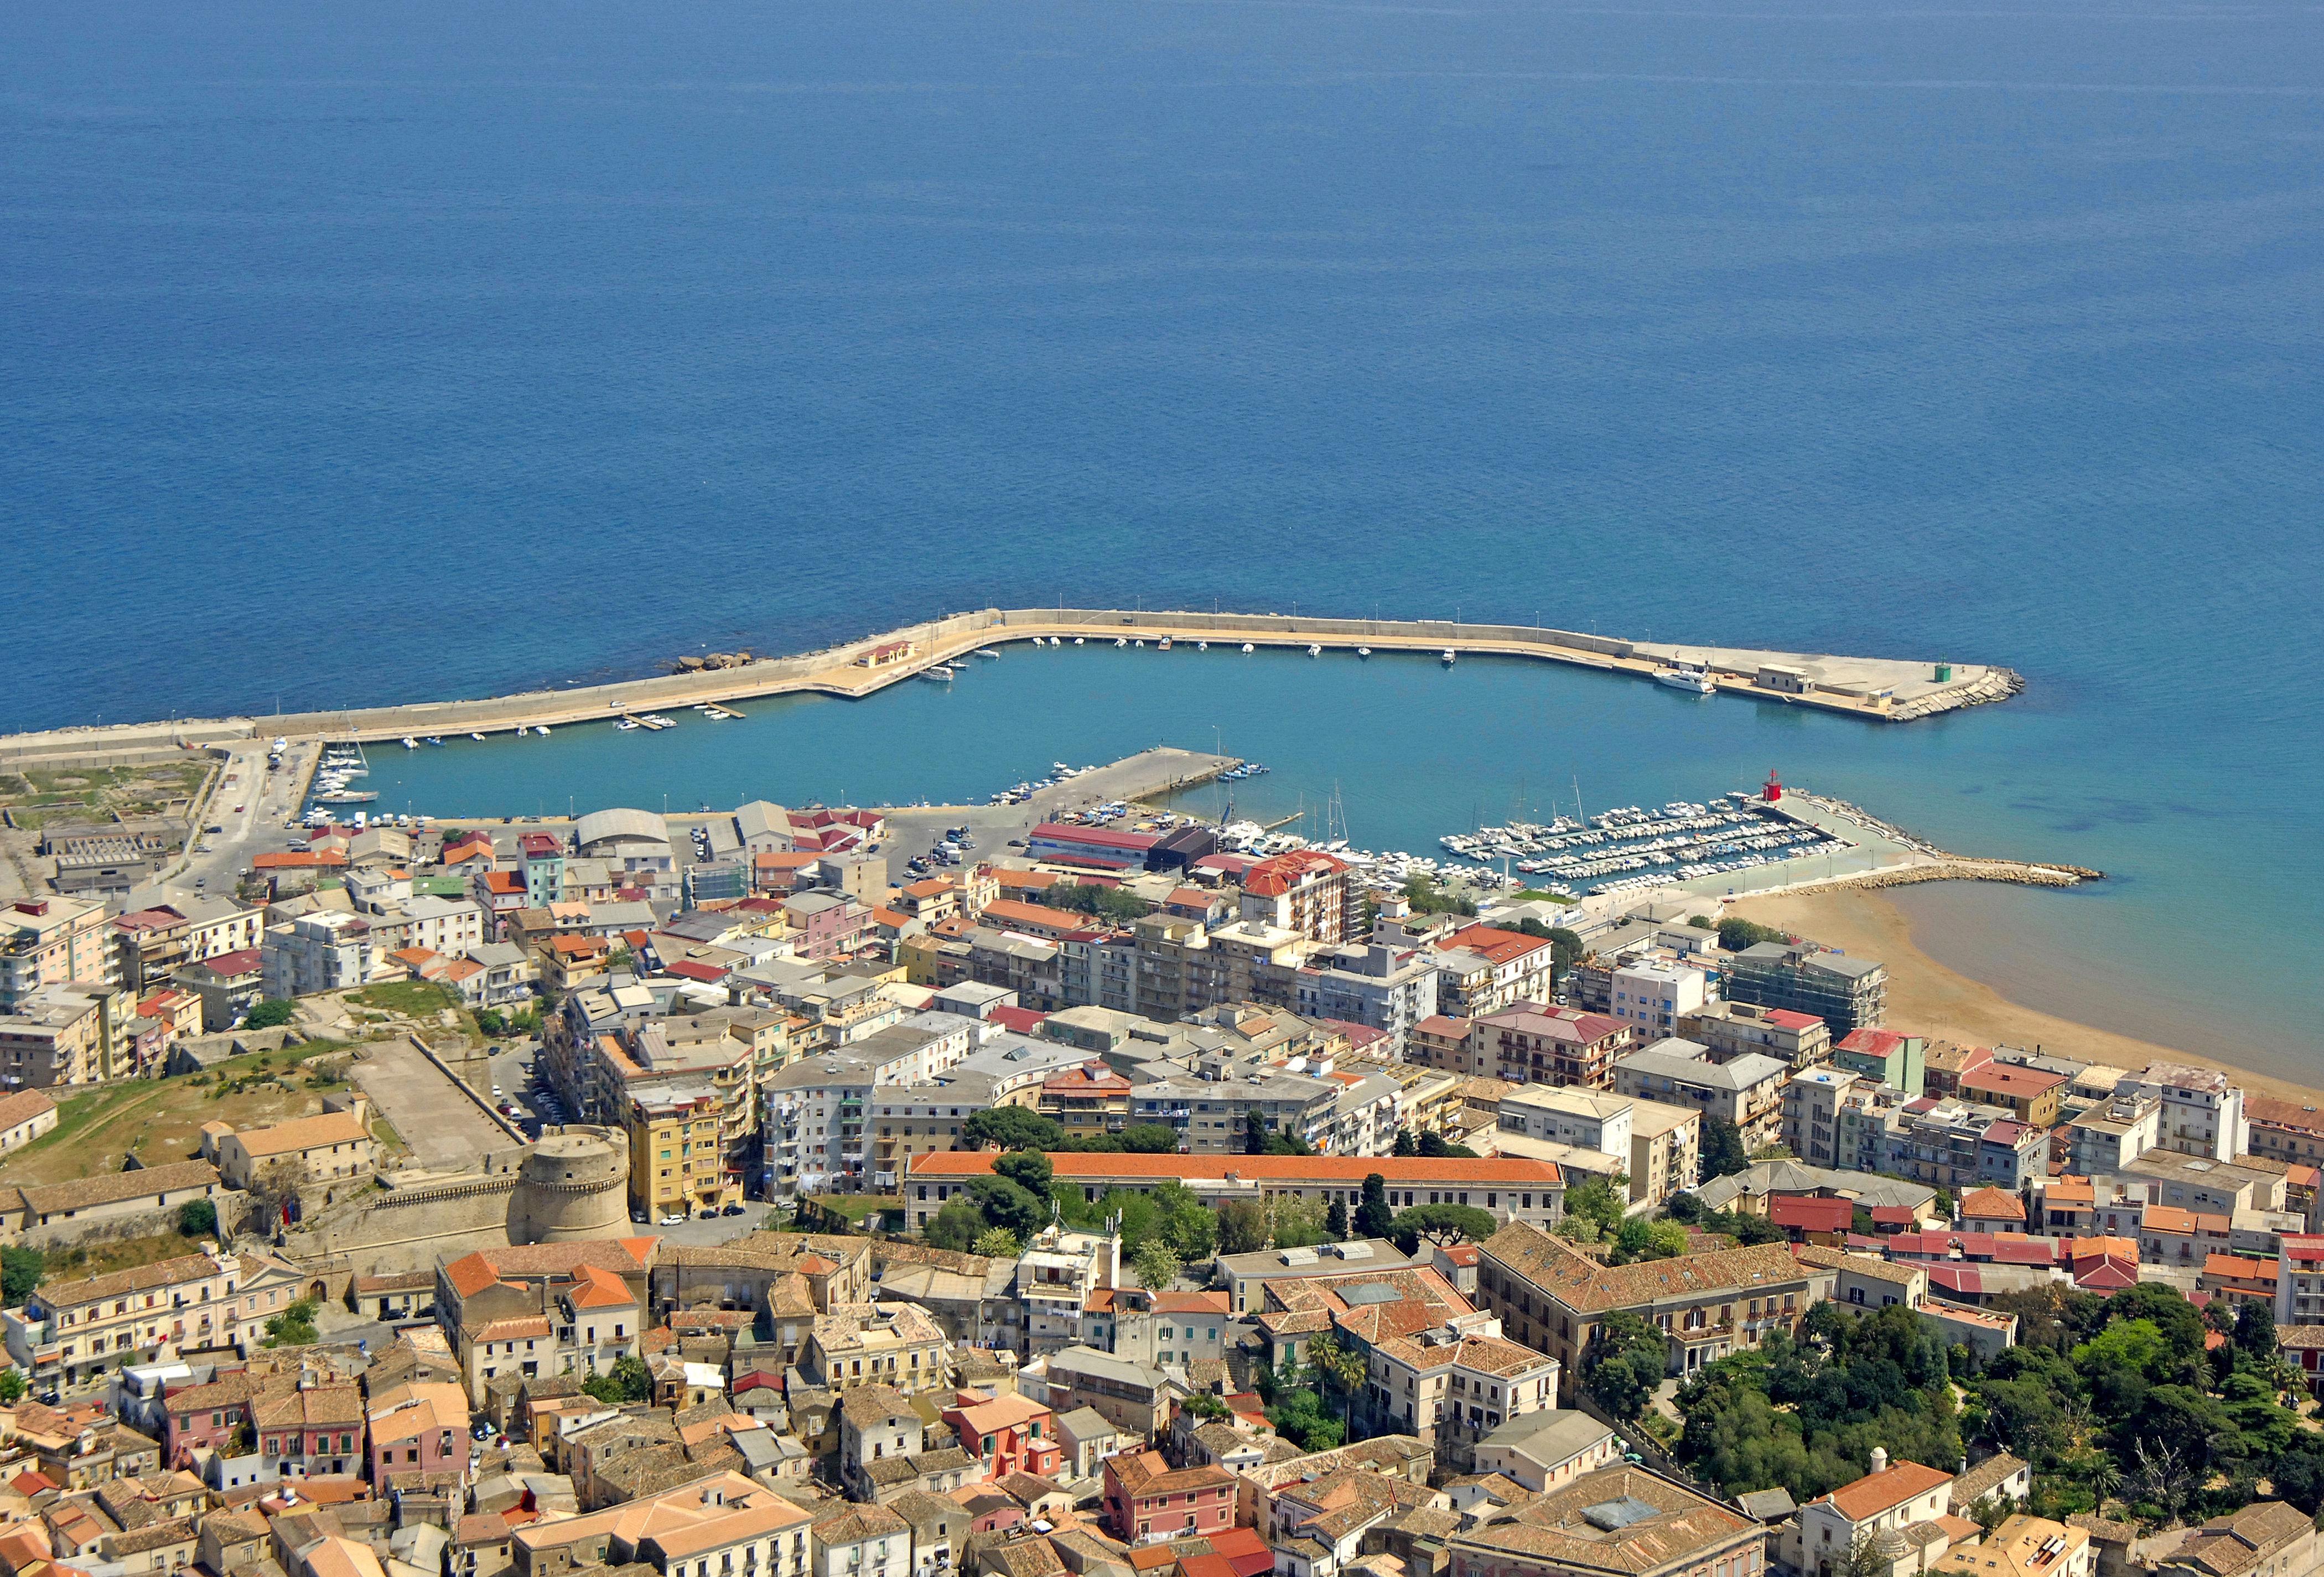 Crotone porto vecchio mar in crotone calabria italy for Arredamenti d autore crotone